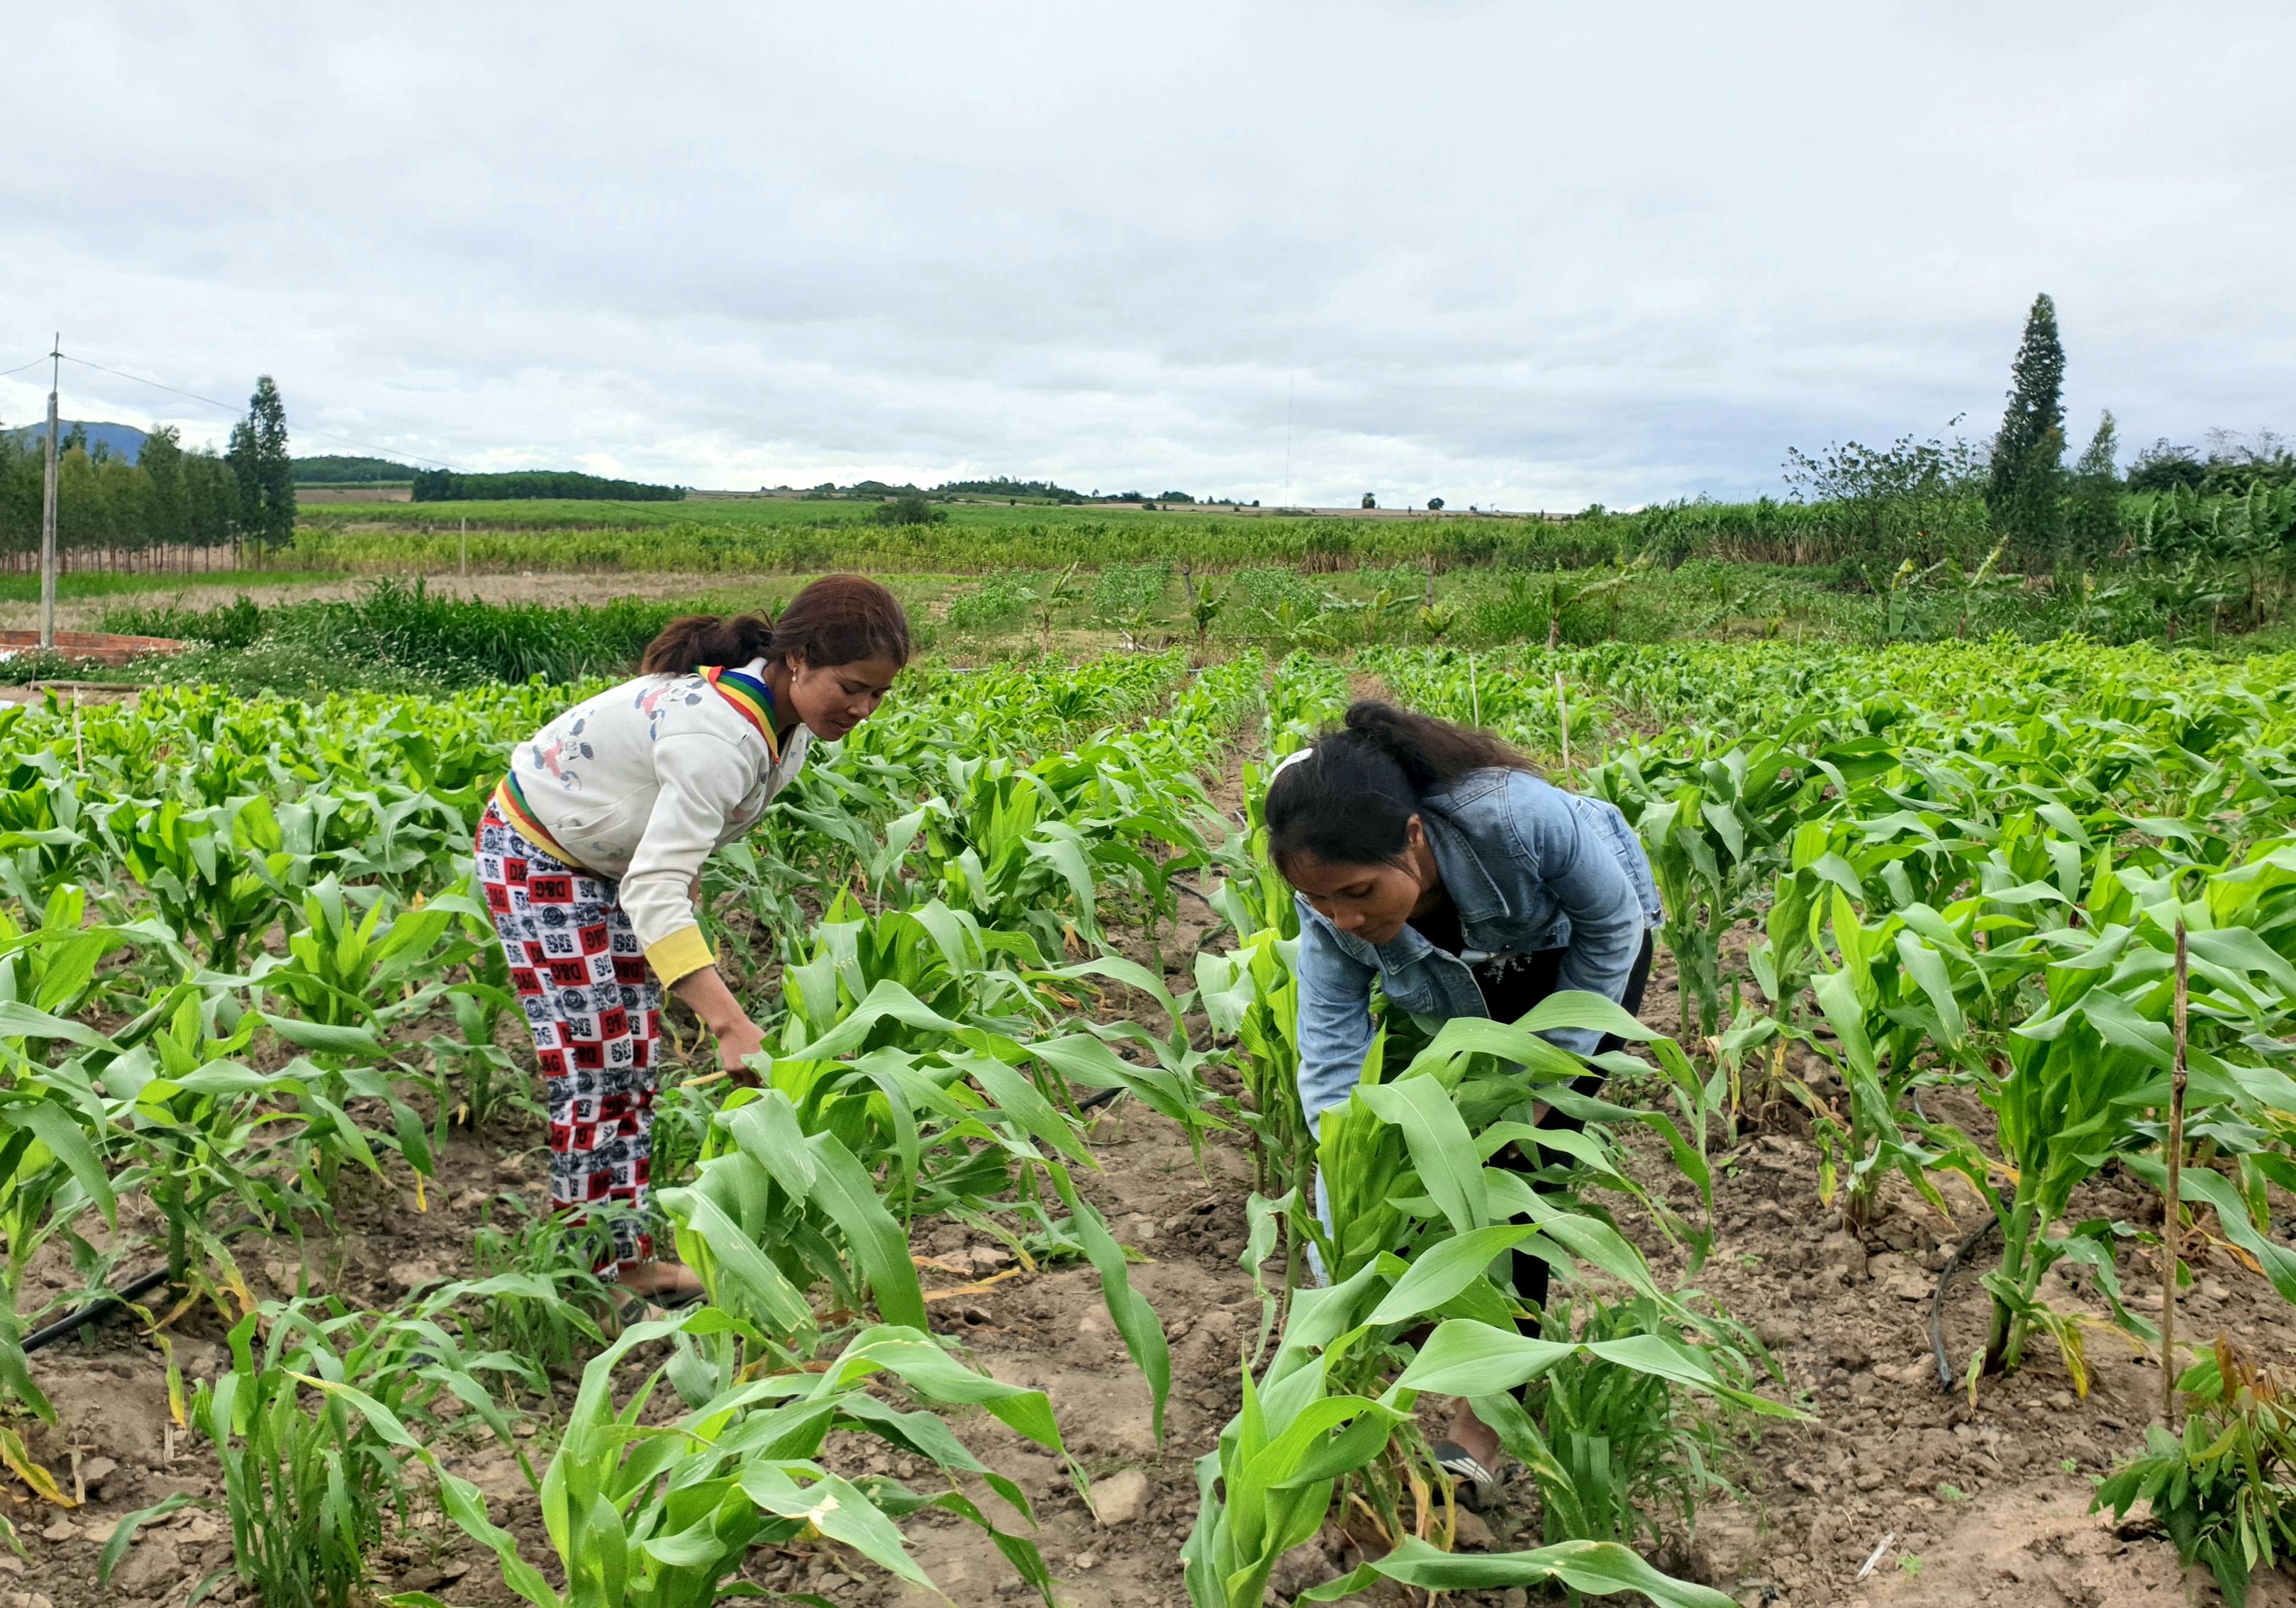 Chị Đinh Thị Em (bên phải) hướng dẫn hội viên Đinh Thị Choi cách chăm sóc cây trồng để cho năng suất cao.